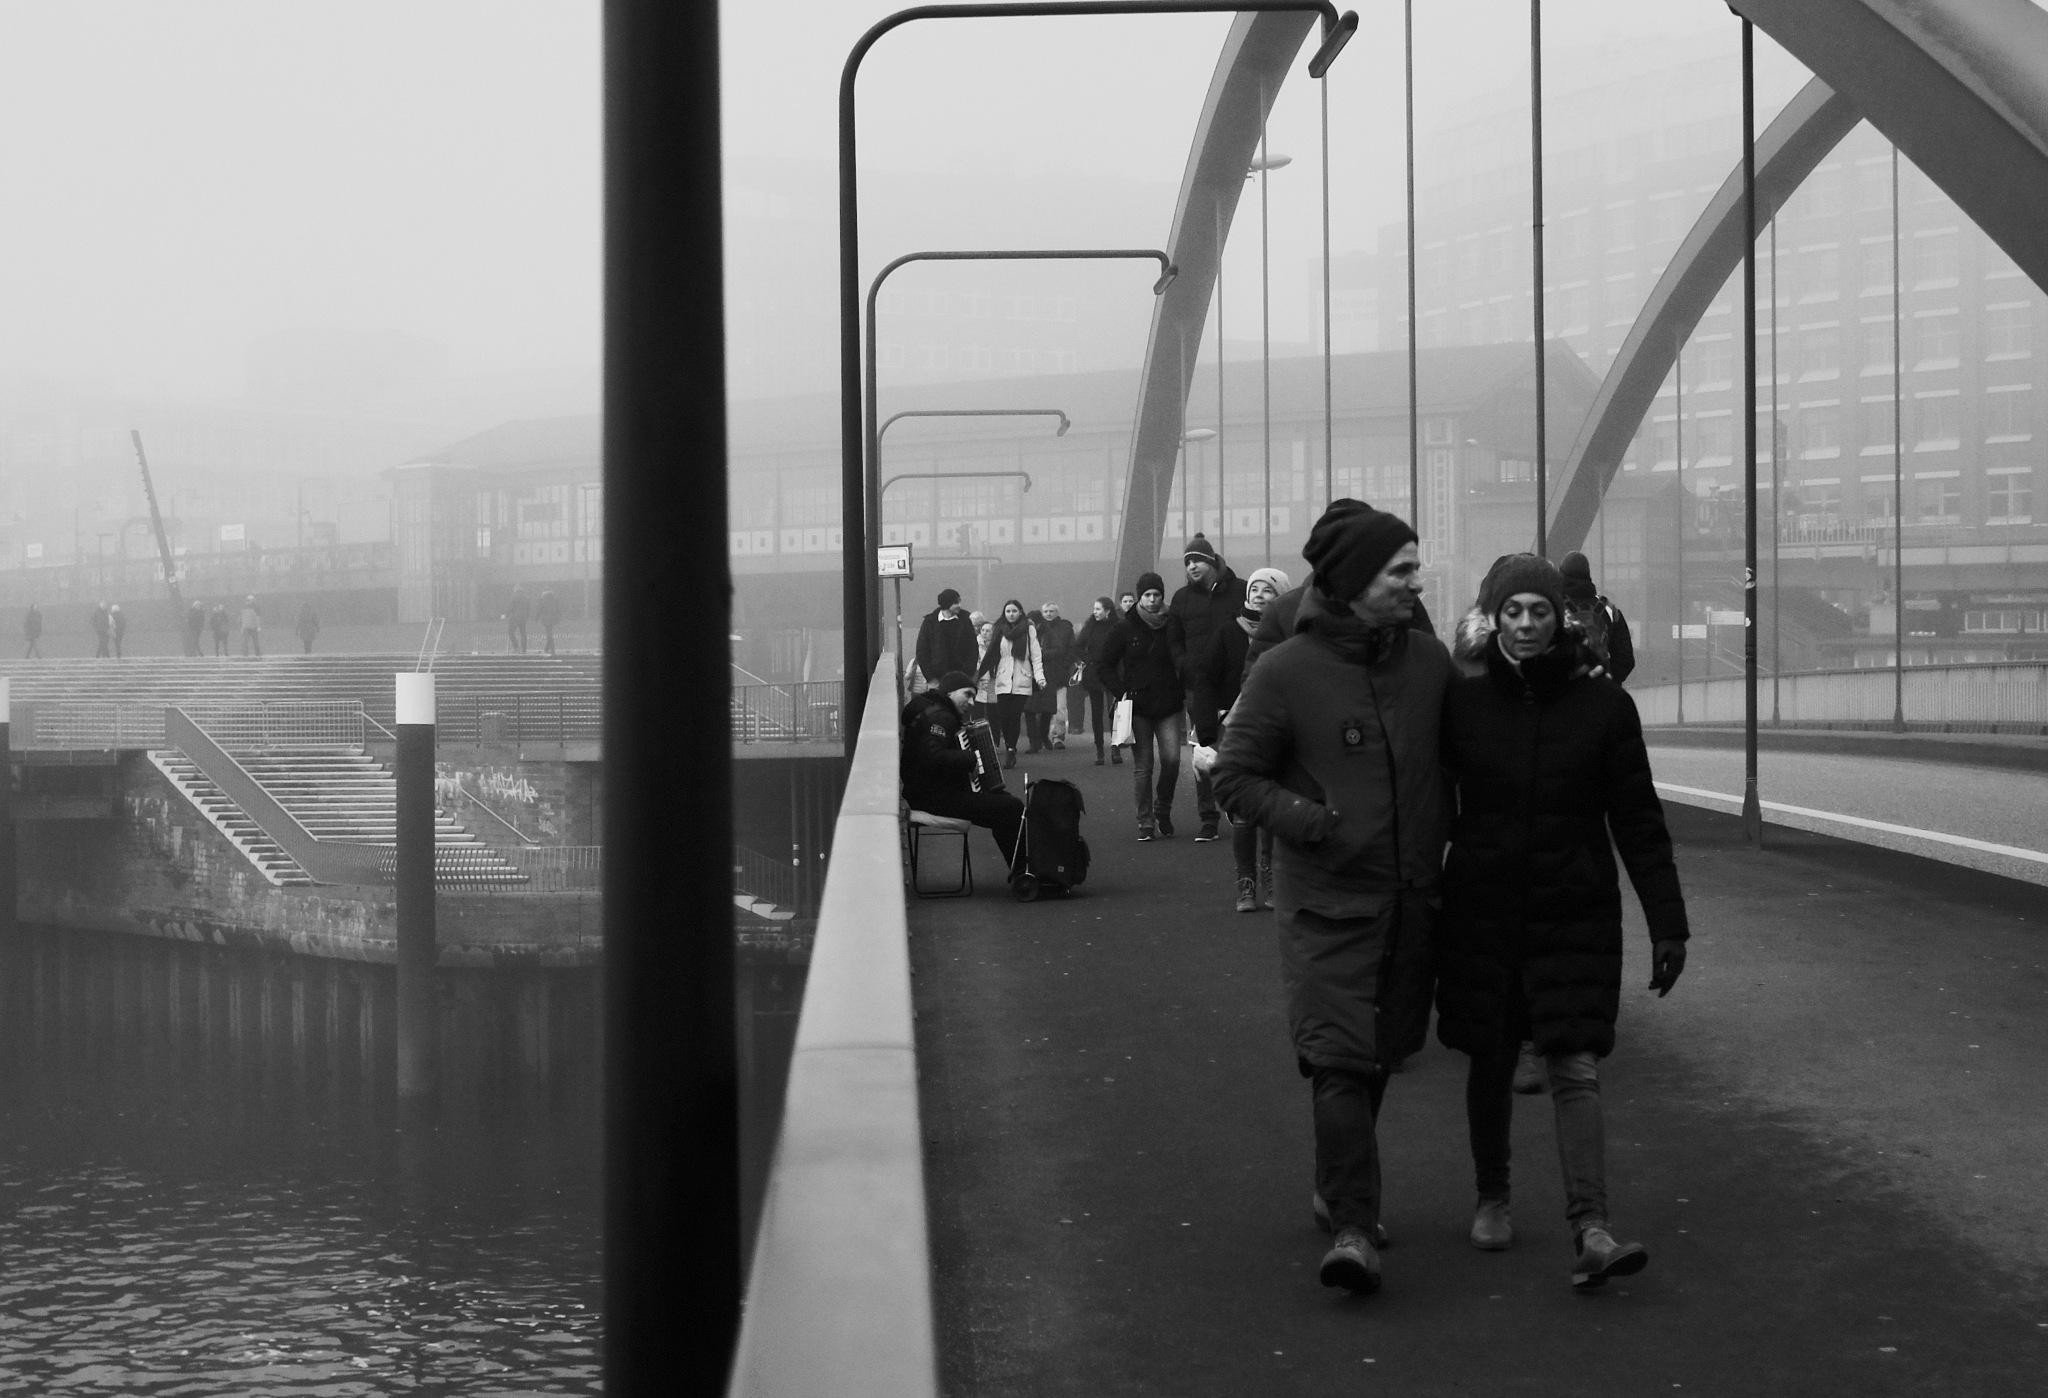 People by peterkryzun